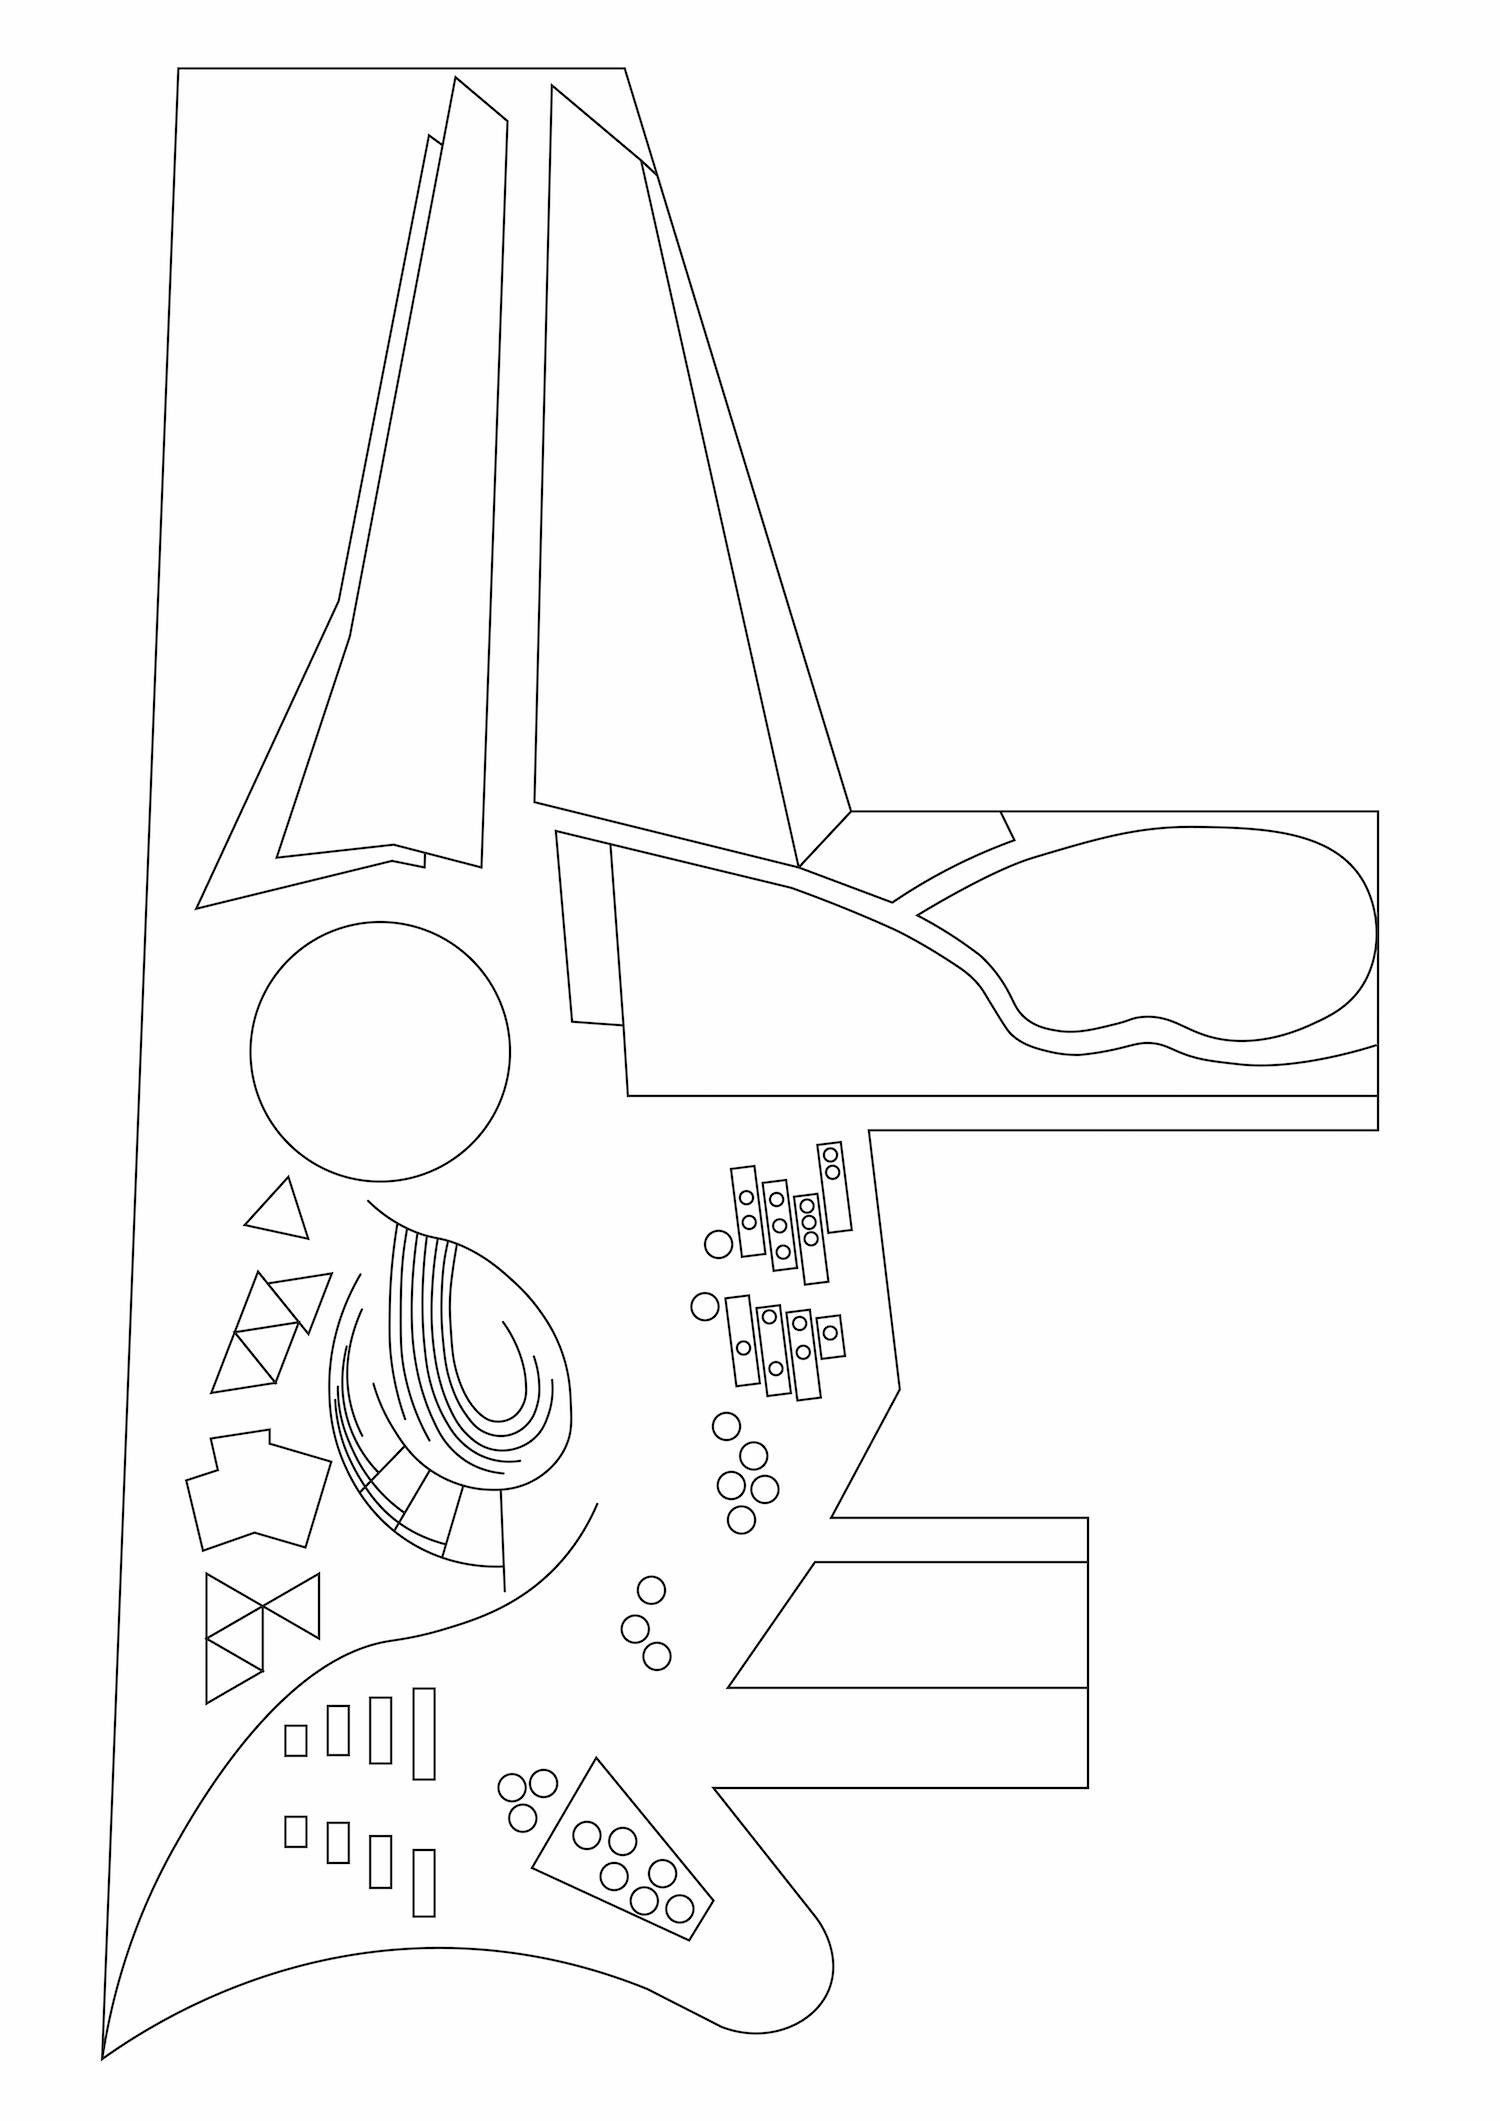 33_Zeichenfläche 1.jpg